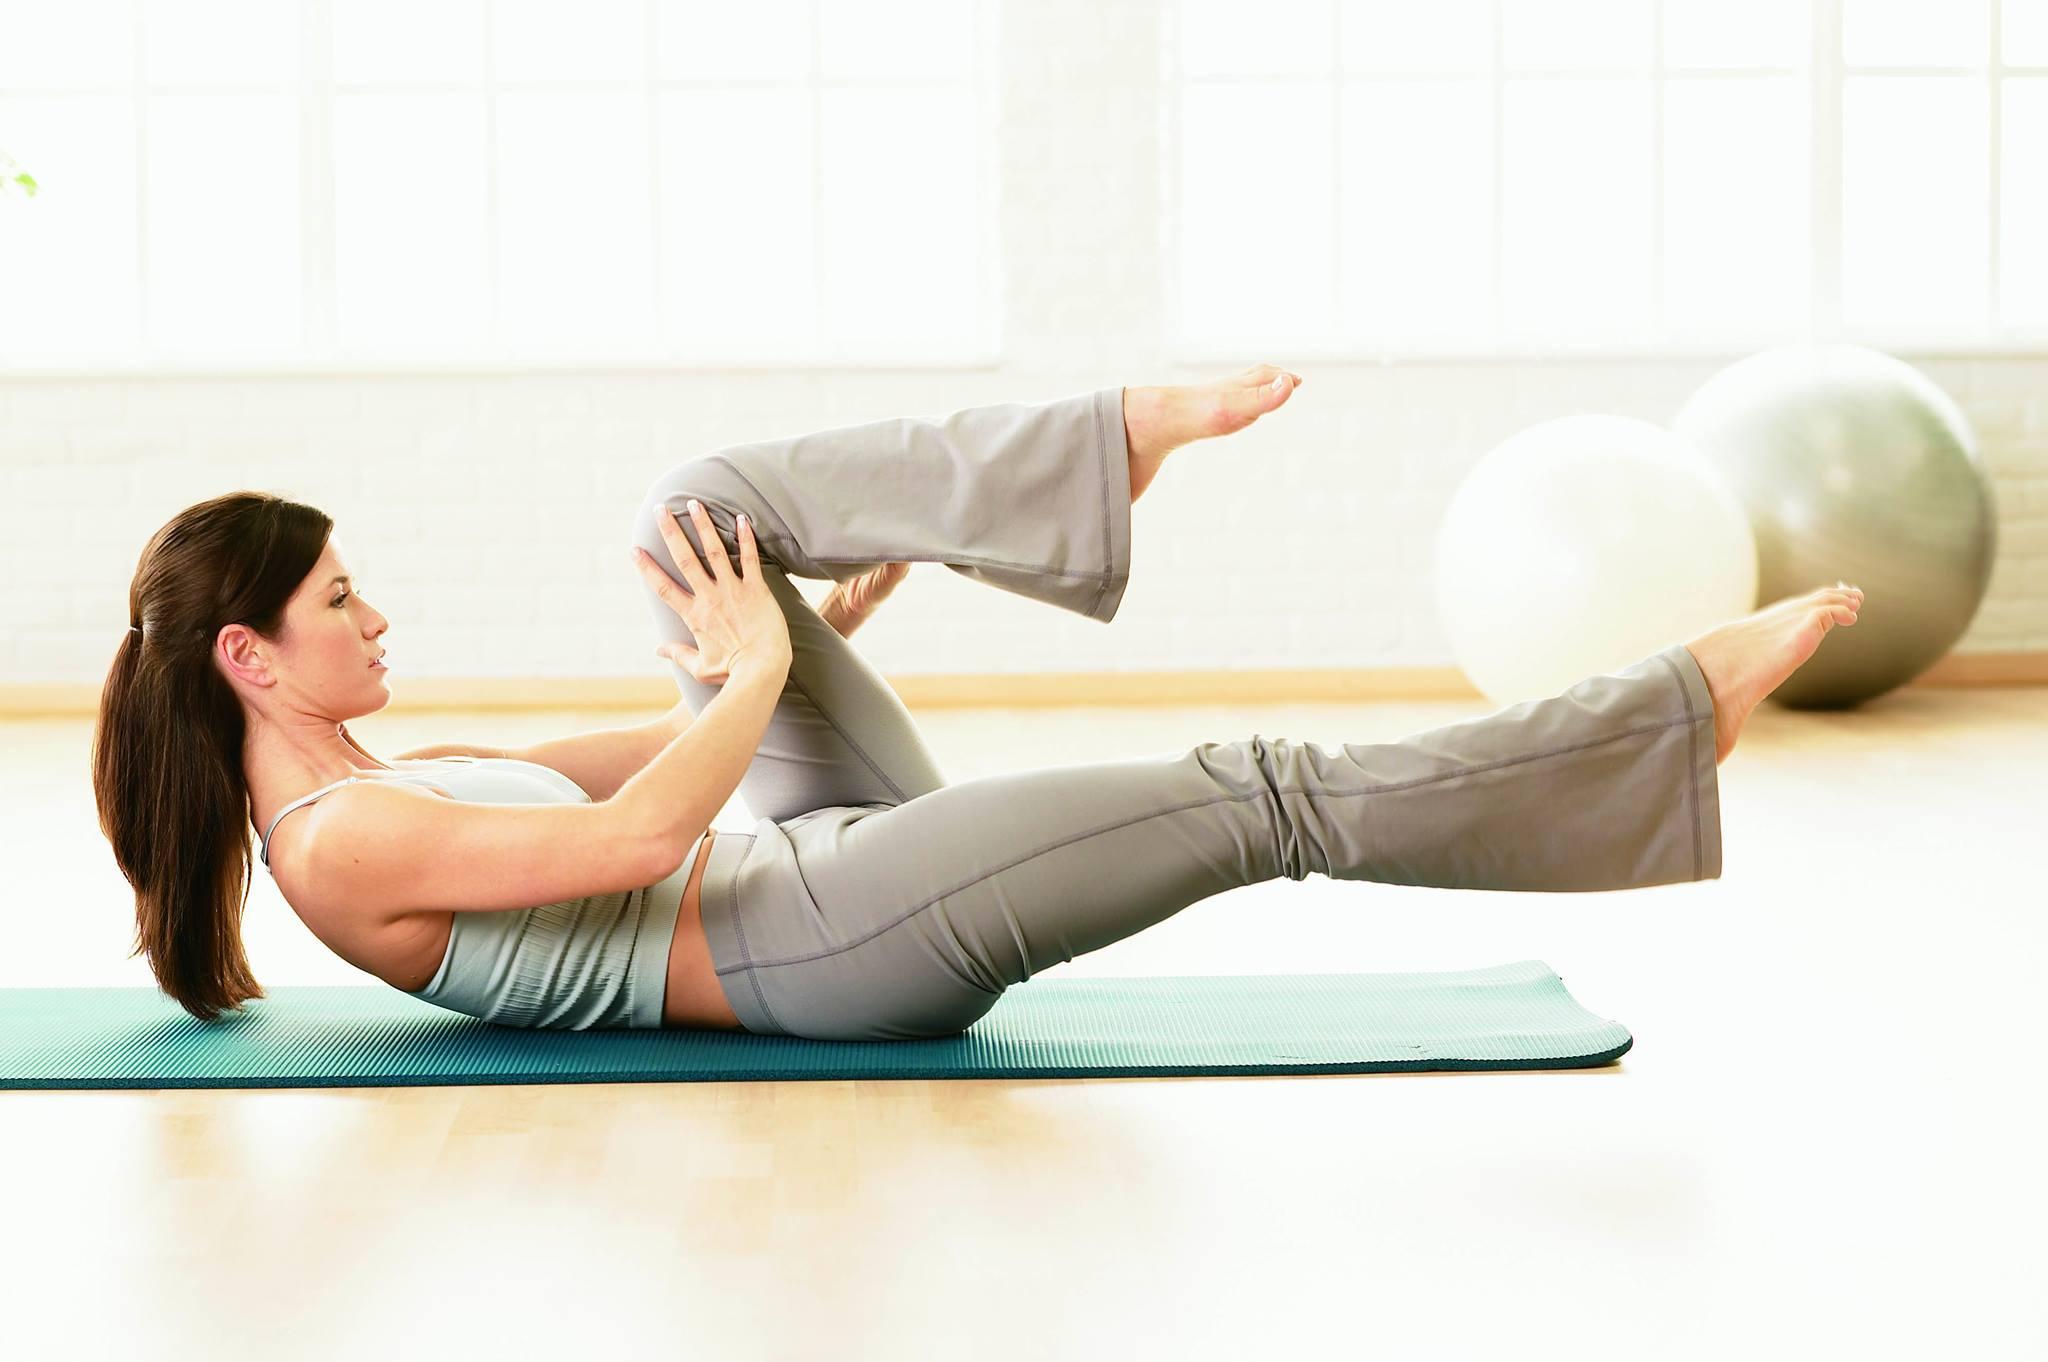 Калланетика для похудения: упражнения для начинающих • твоя семья - информационный семейный портал